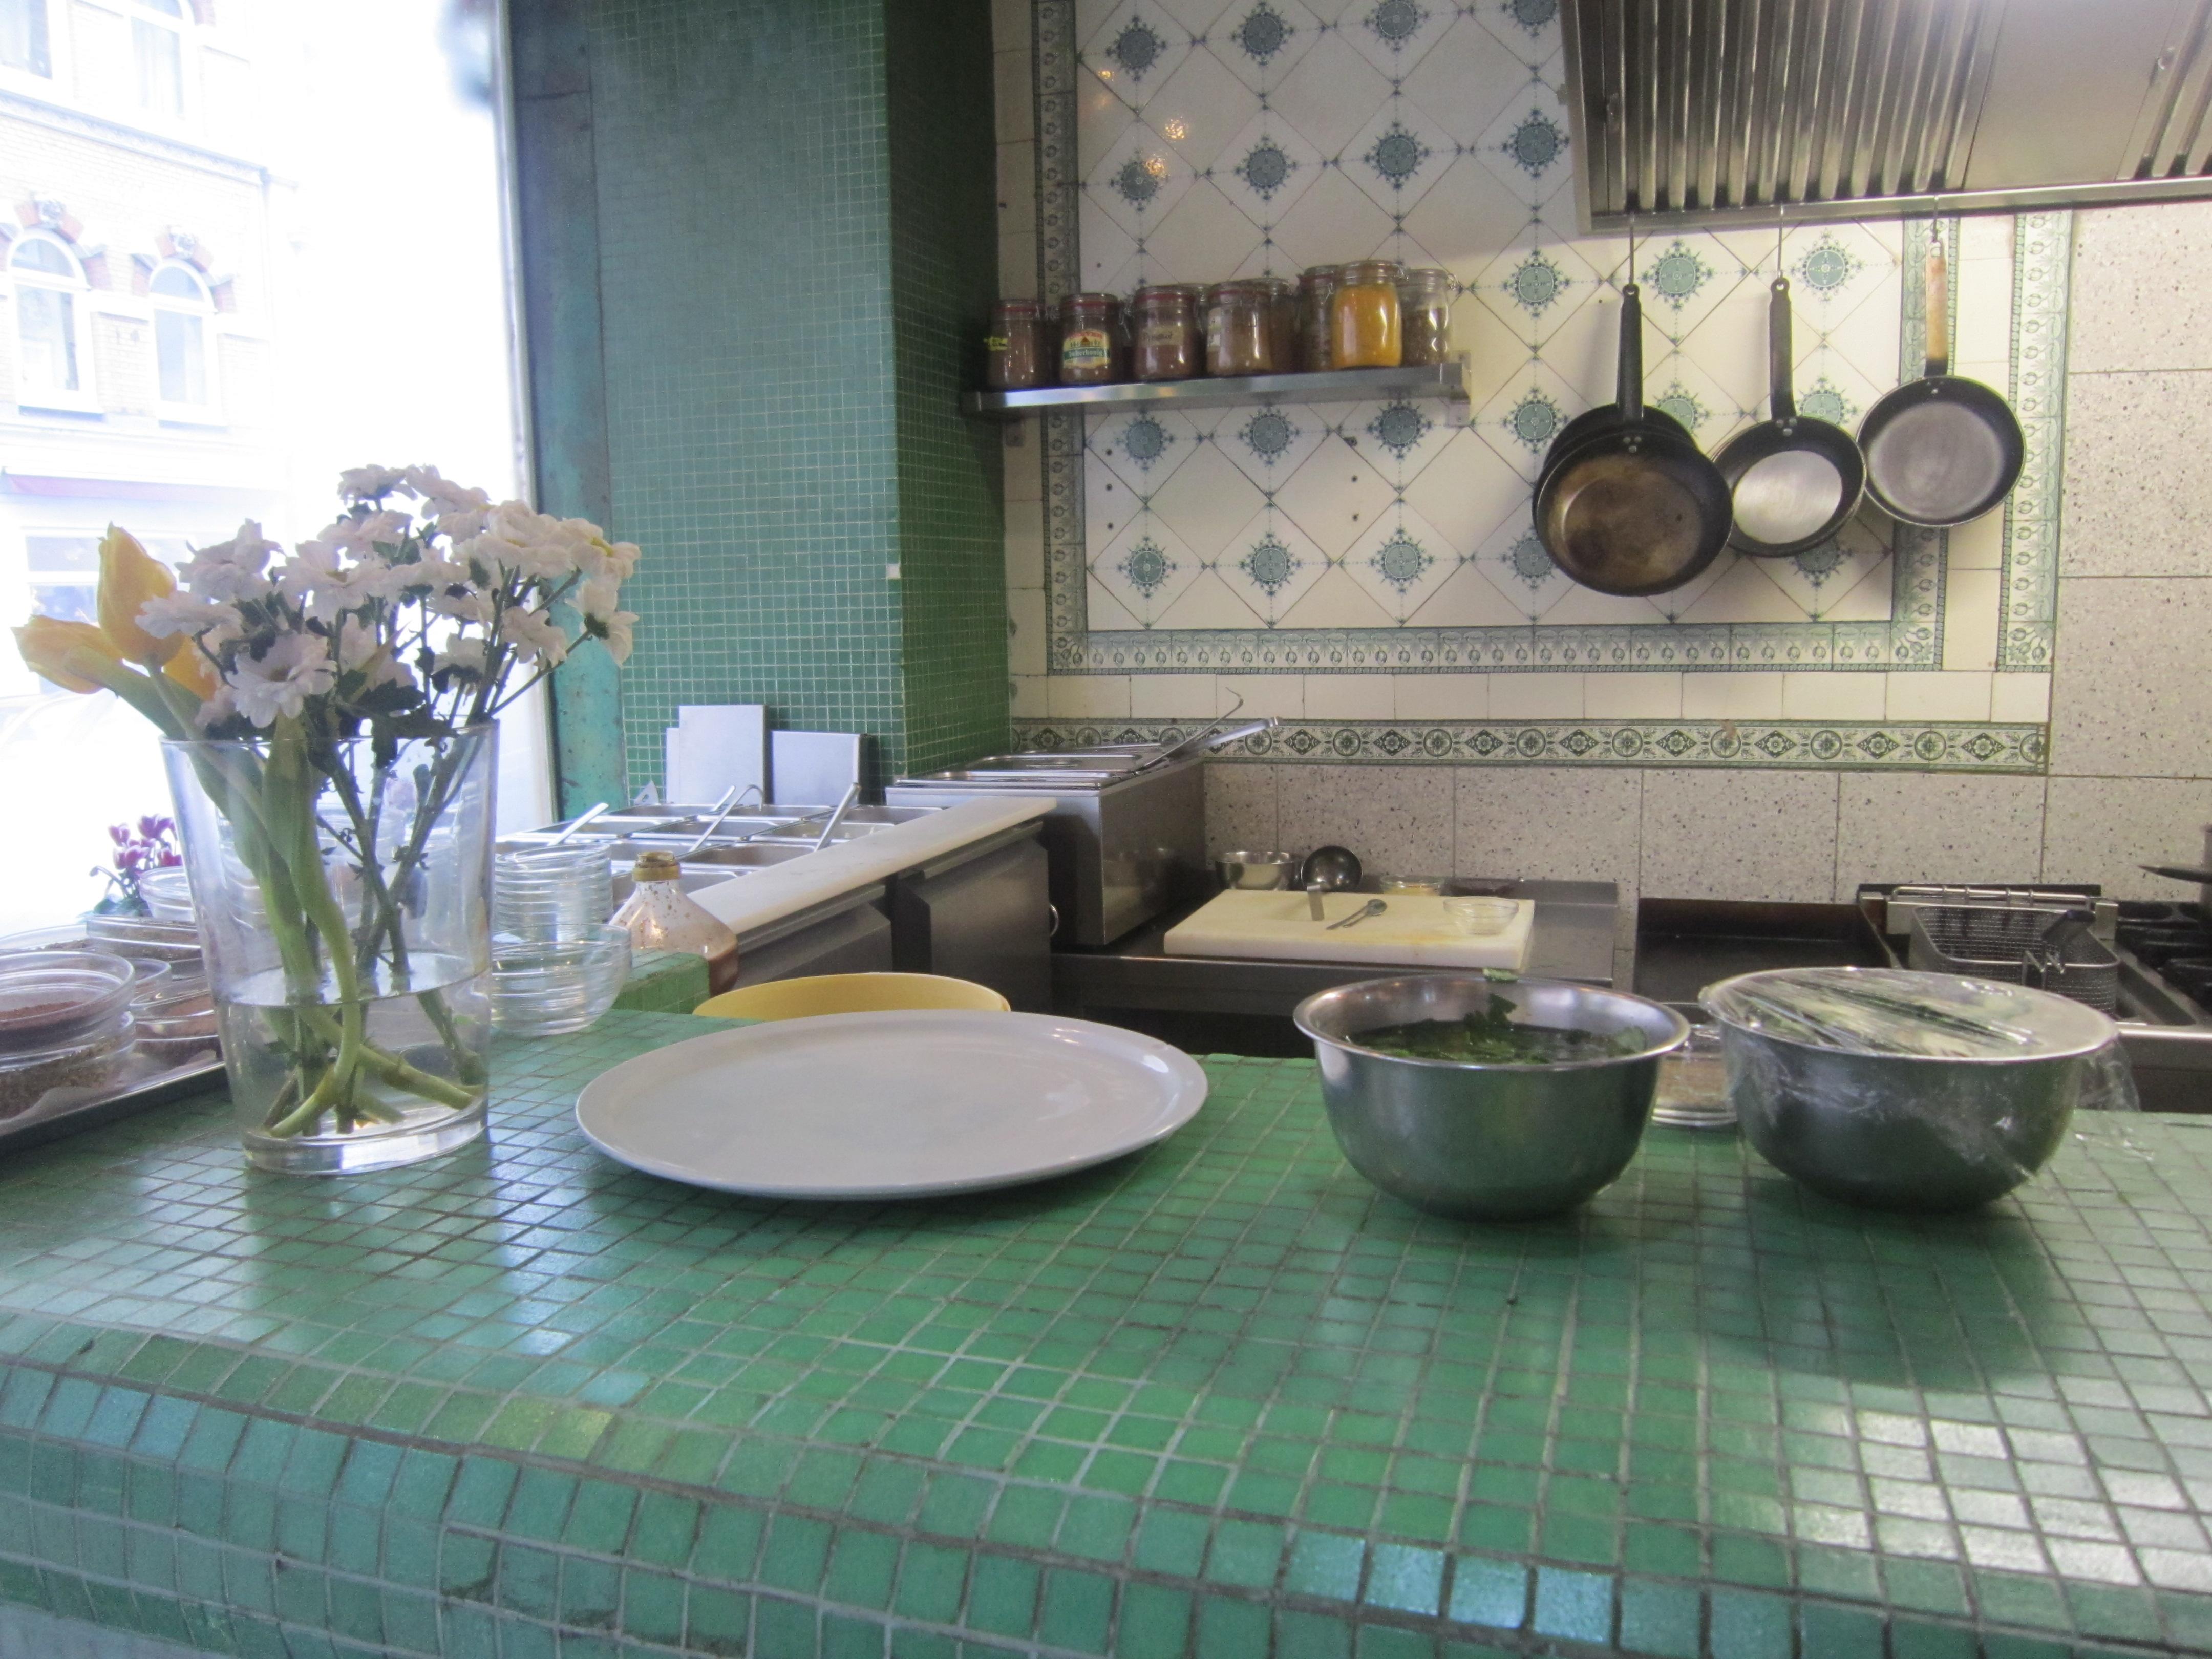 Teufels Küche